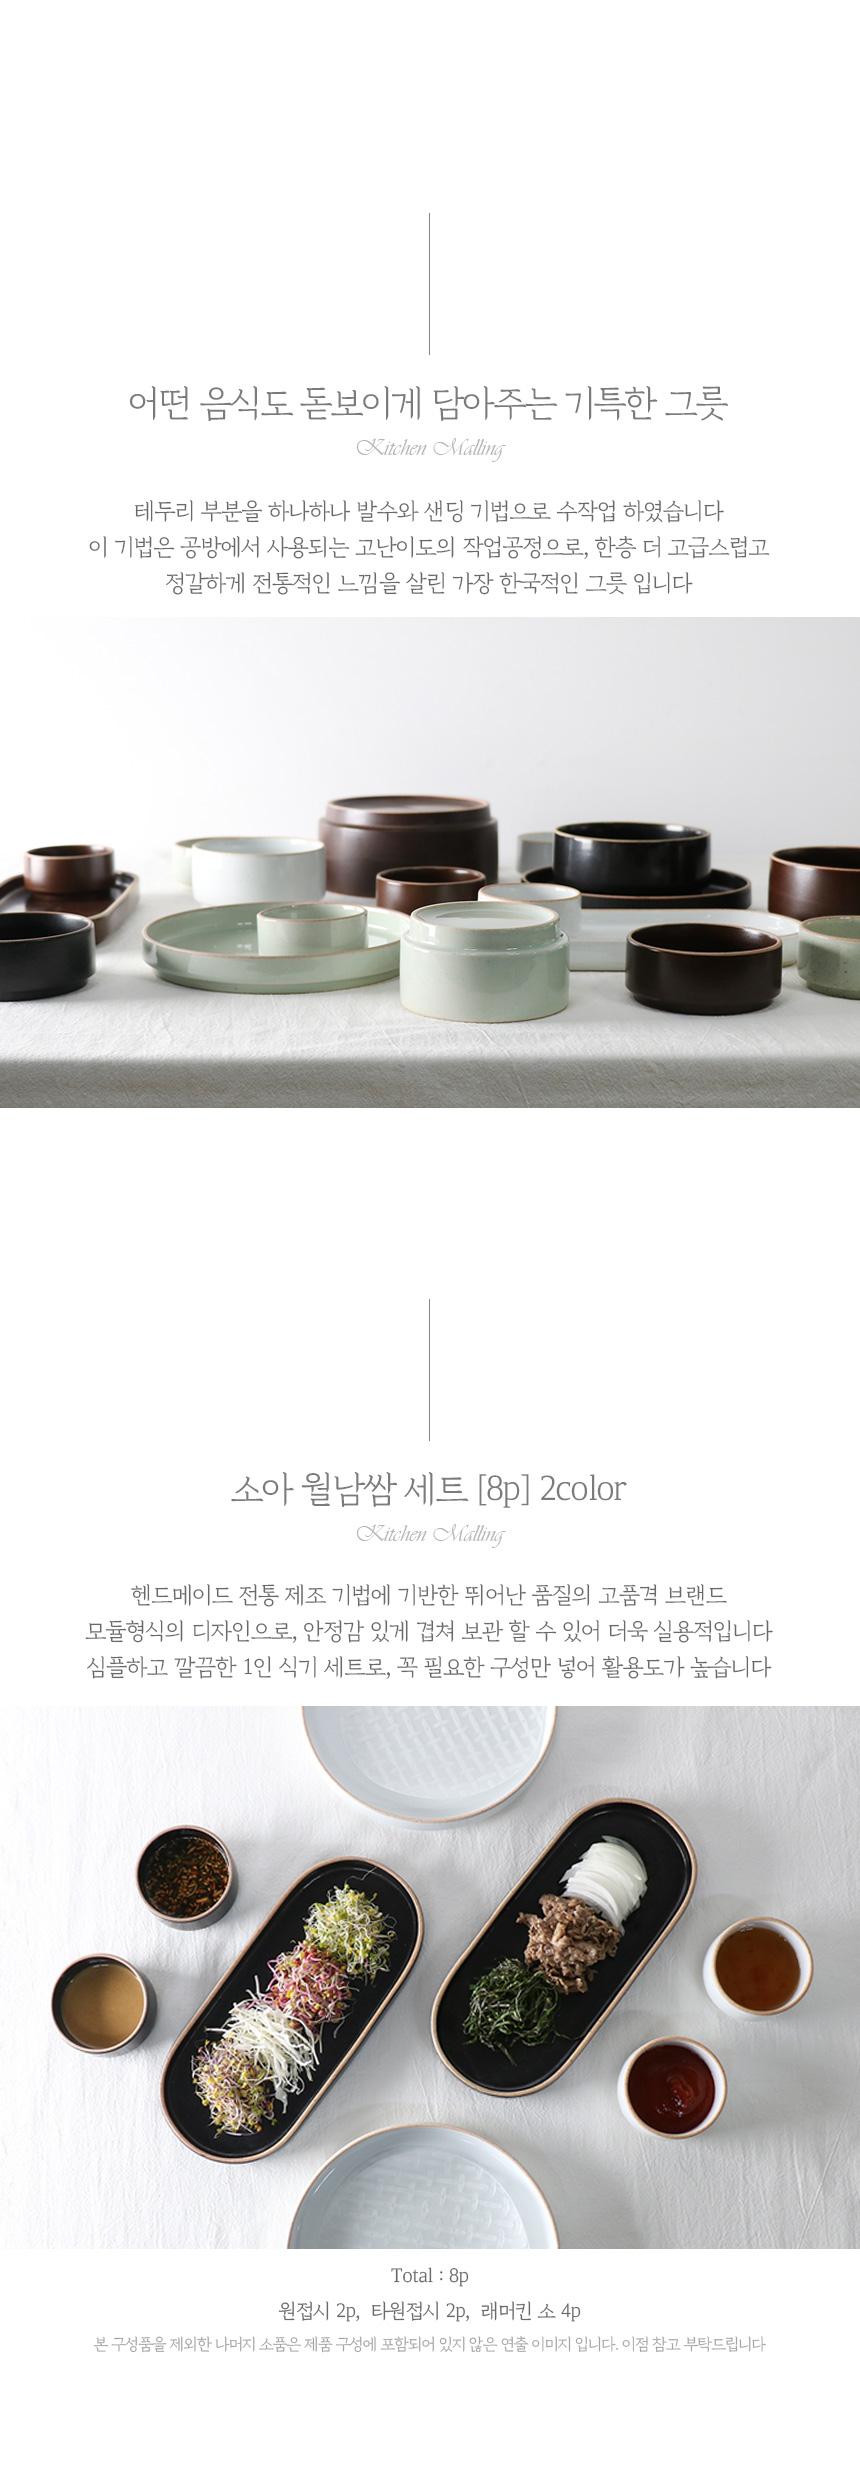 소아 월남쌈 2인 식기세트 8p - 키친몰링, 58,400원, 식기홈세트, 2인세트